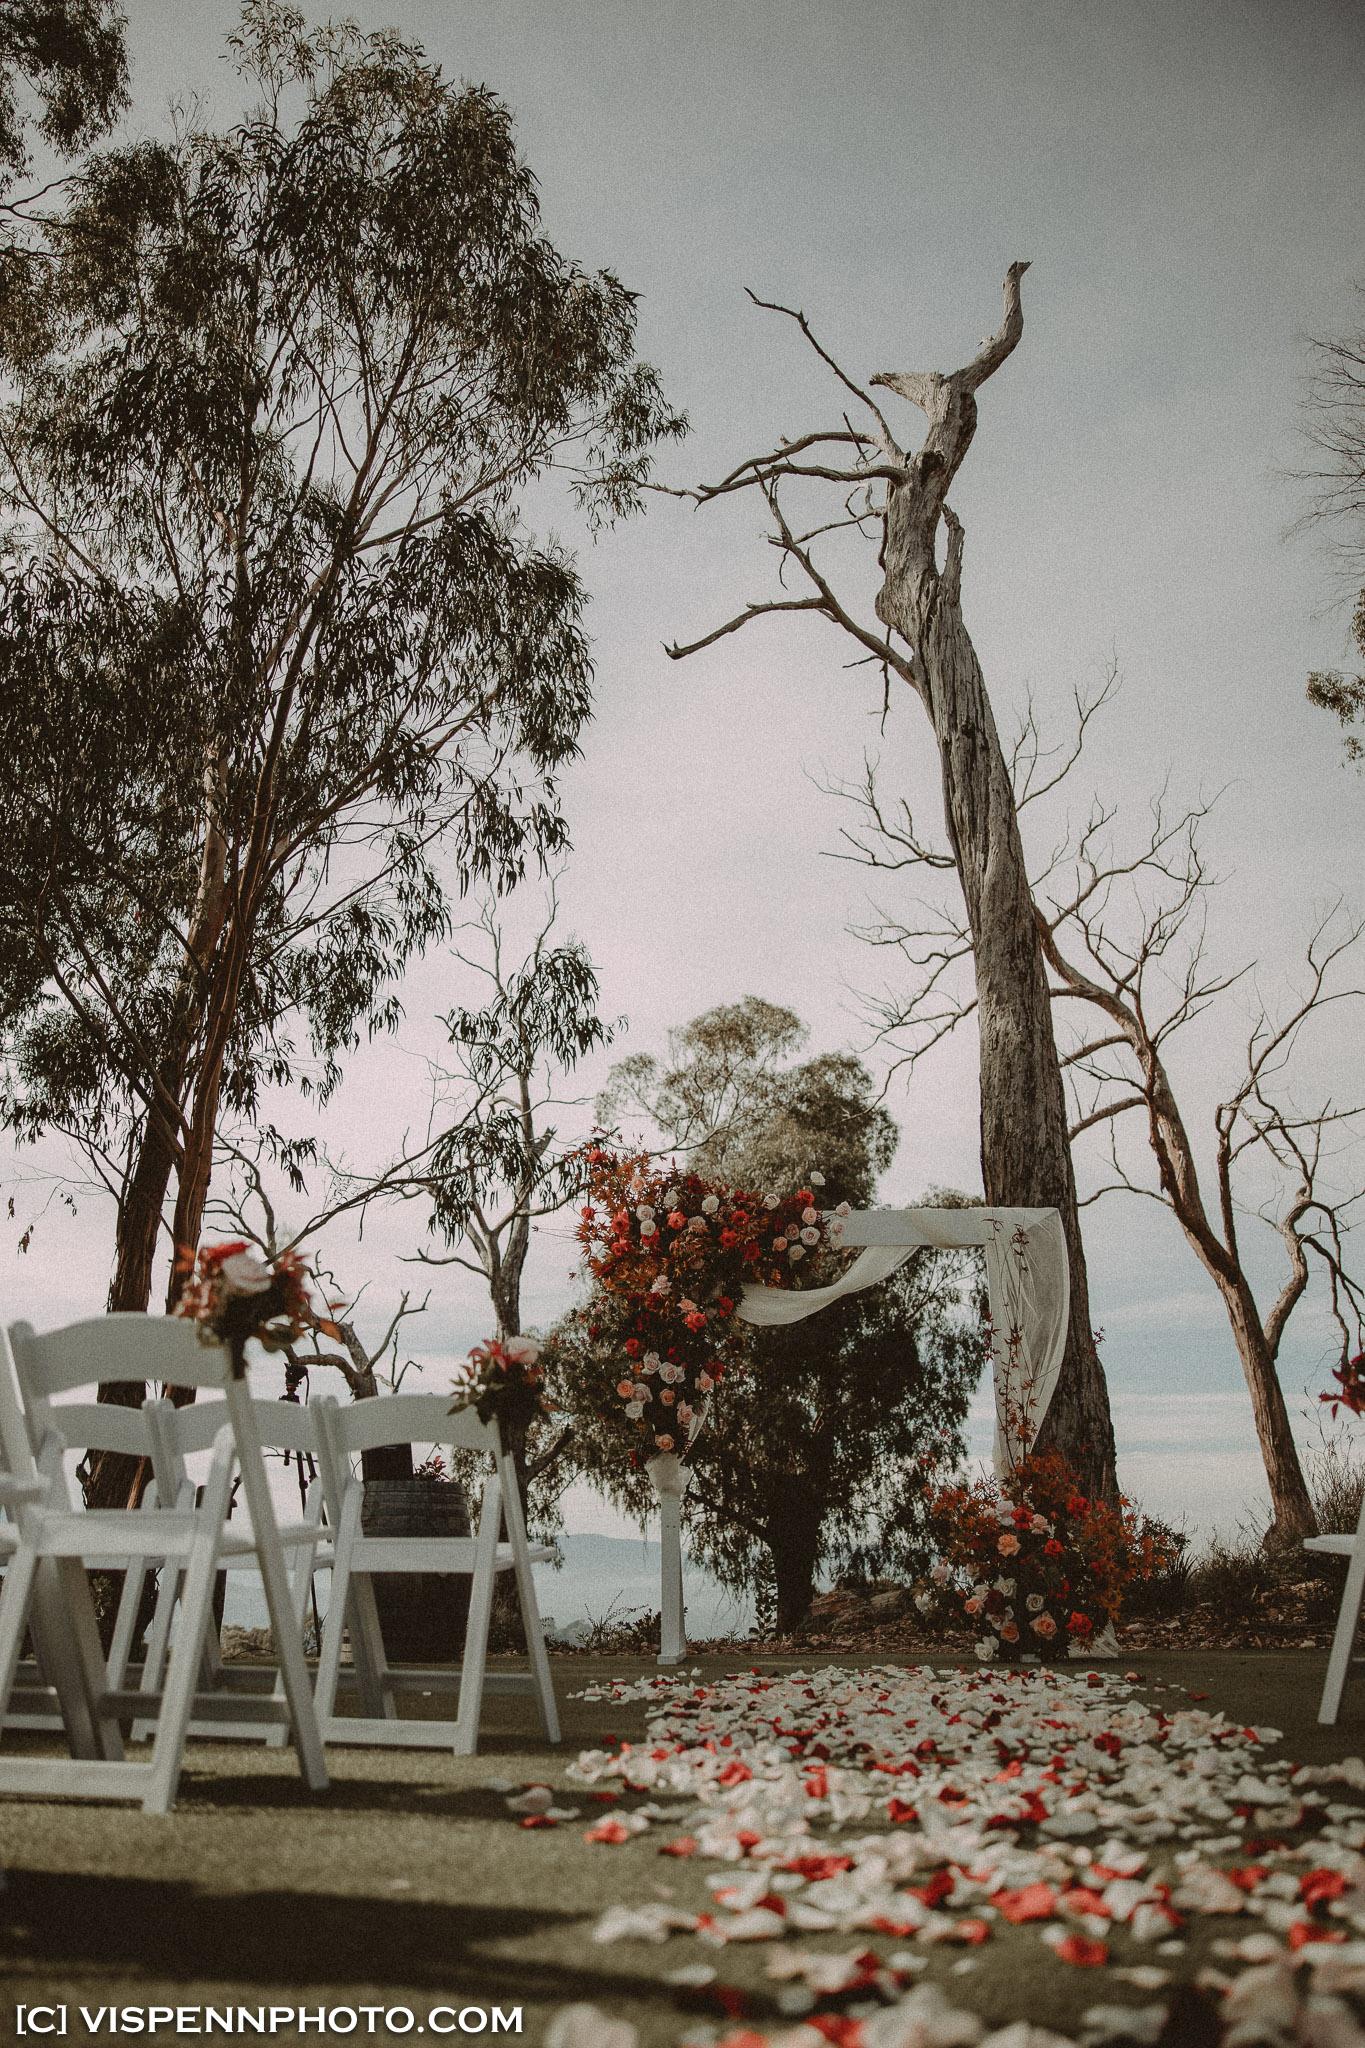 WEDDING DAY Photography Melbourne DominicHelen 1P 2652 EOSR ZHPENN